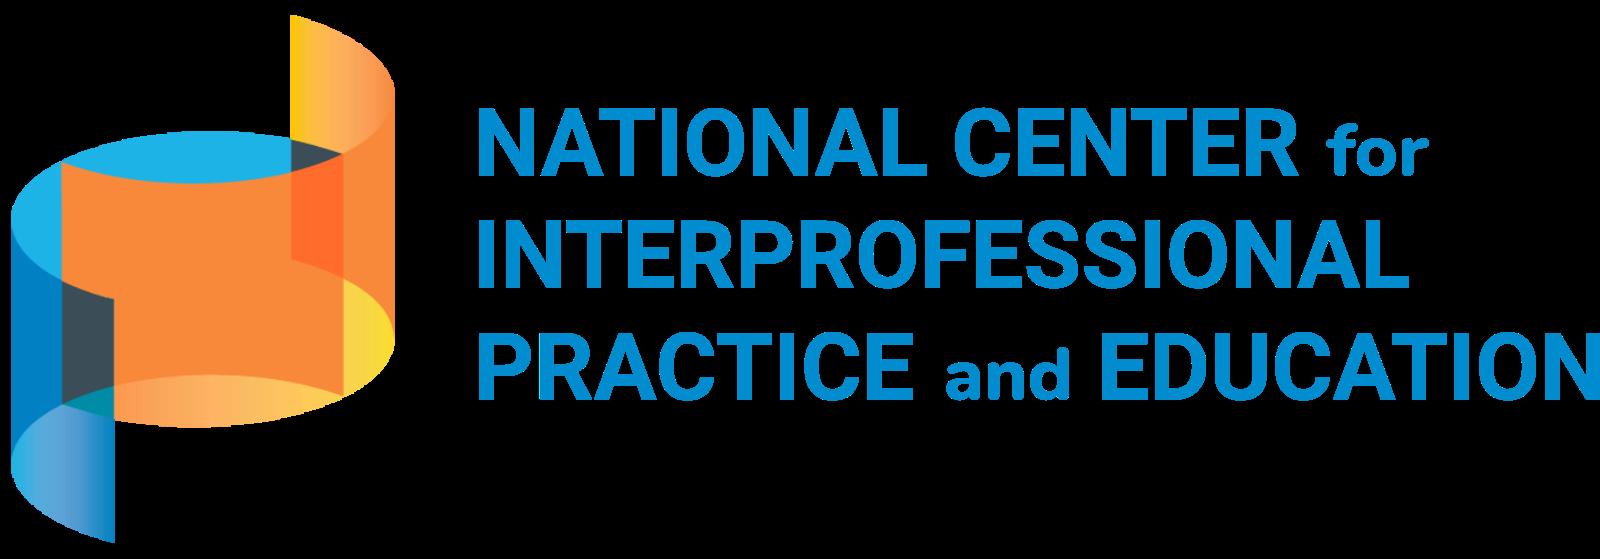 National Center for IPE logo